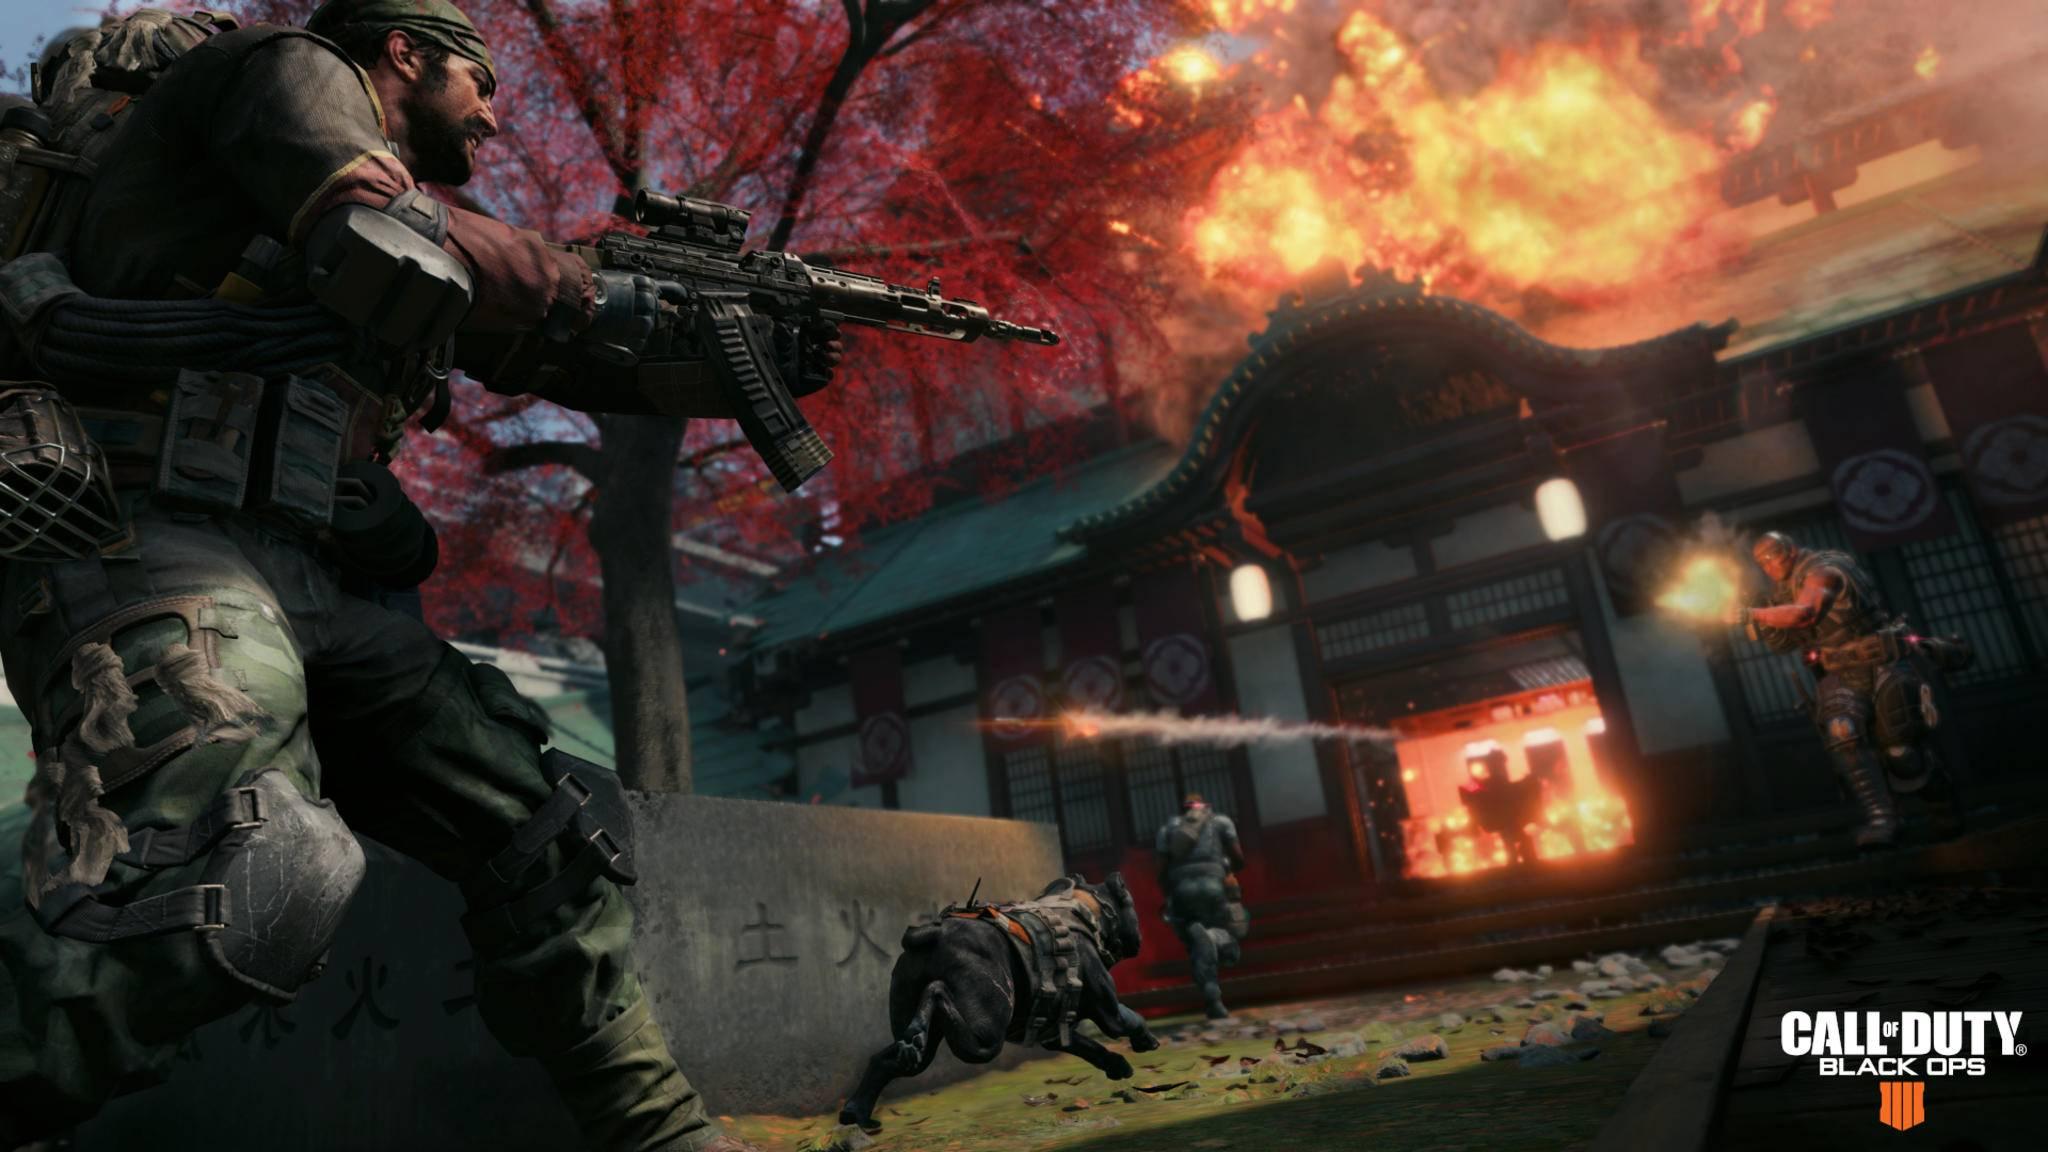 """Wenn Treyarch seine Hausaufgaben gut macht, erwartet uns zum Release ein gut ausbalanciertes """"Call of Duty: Black Ops 4""""."""